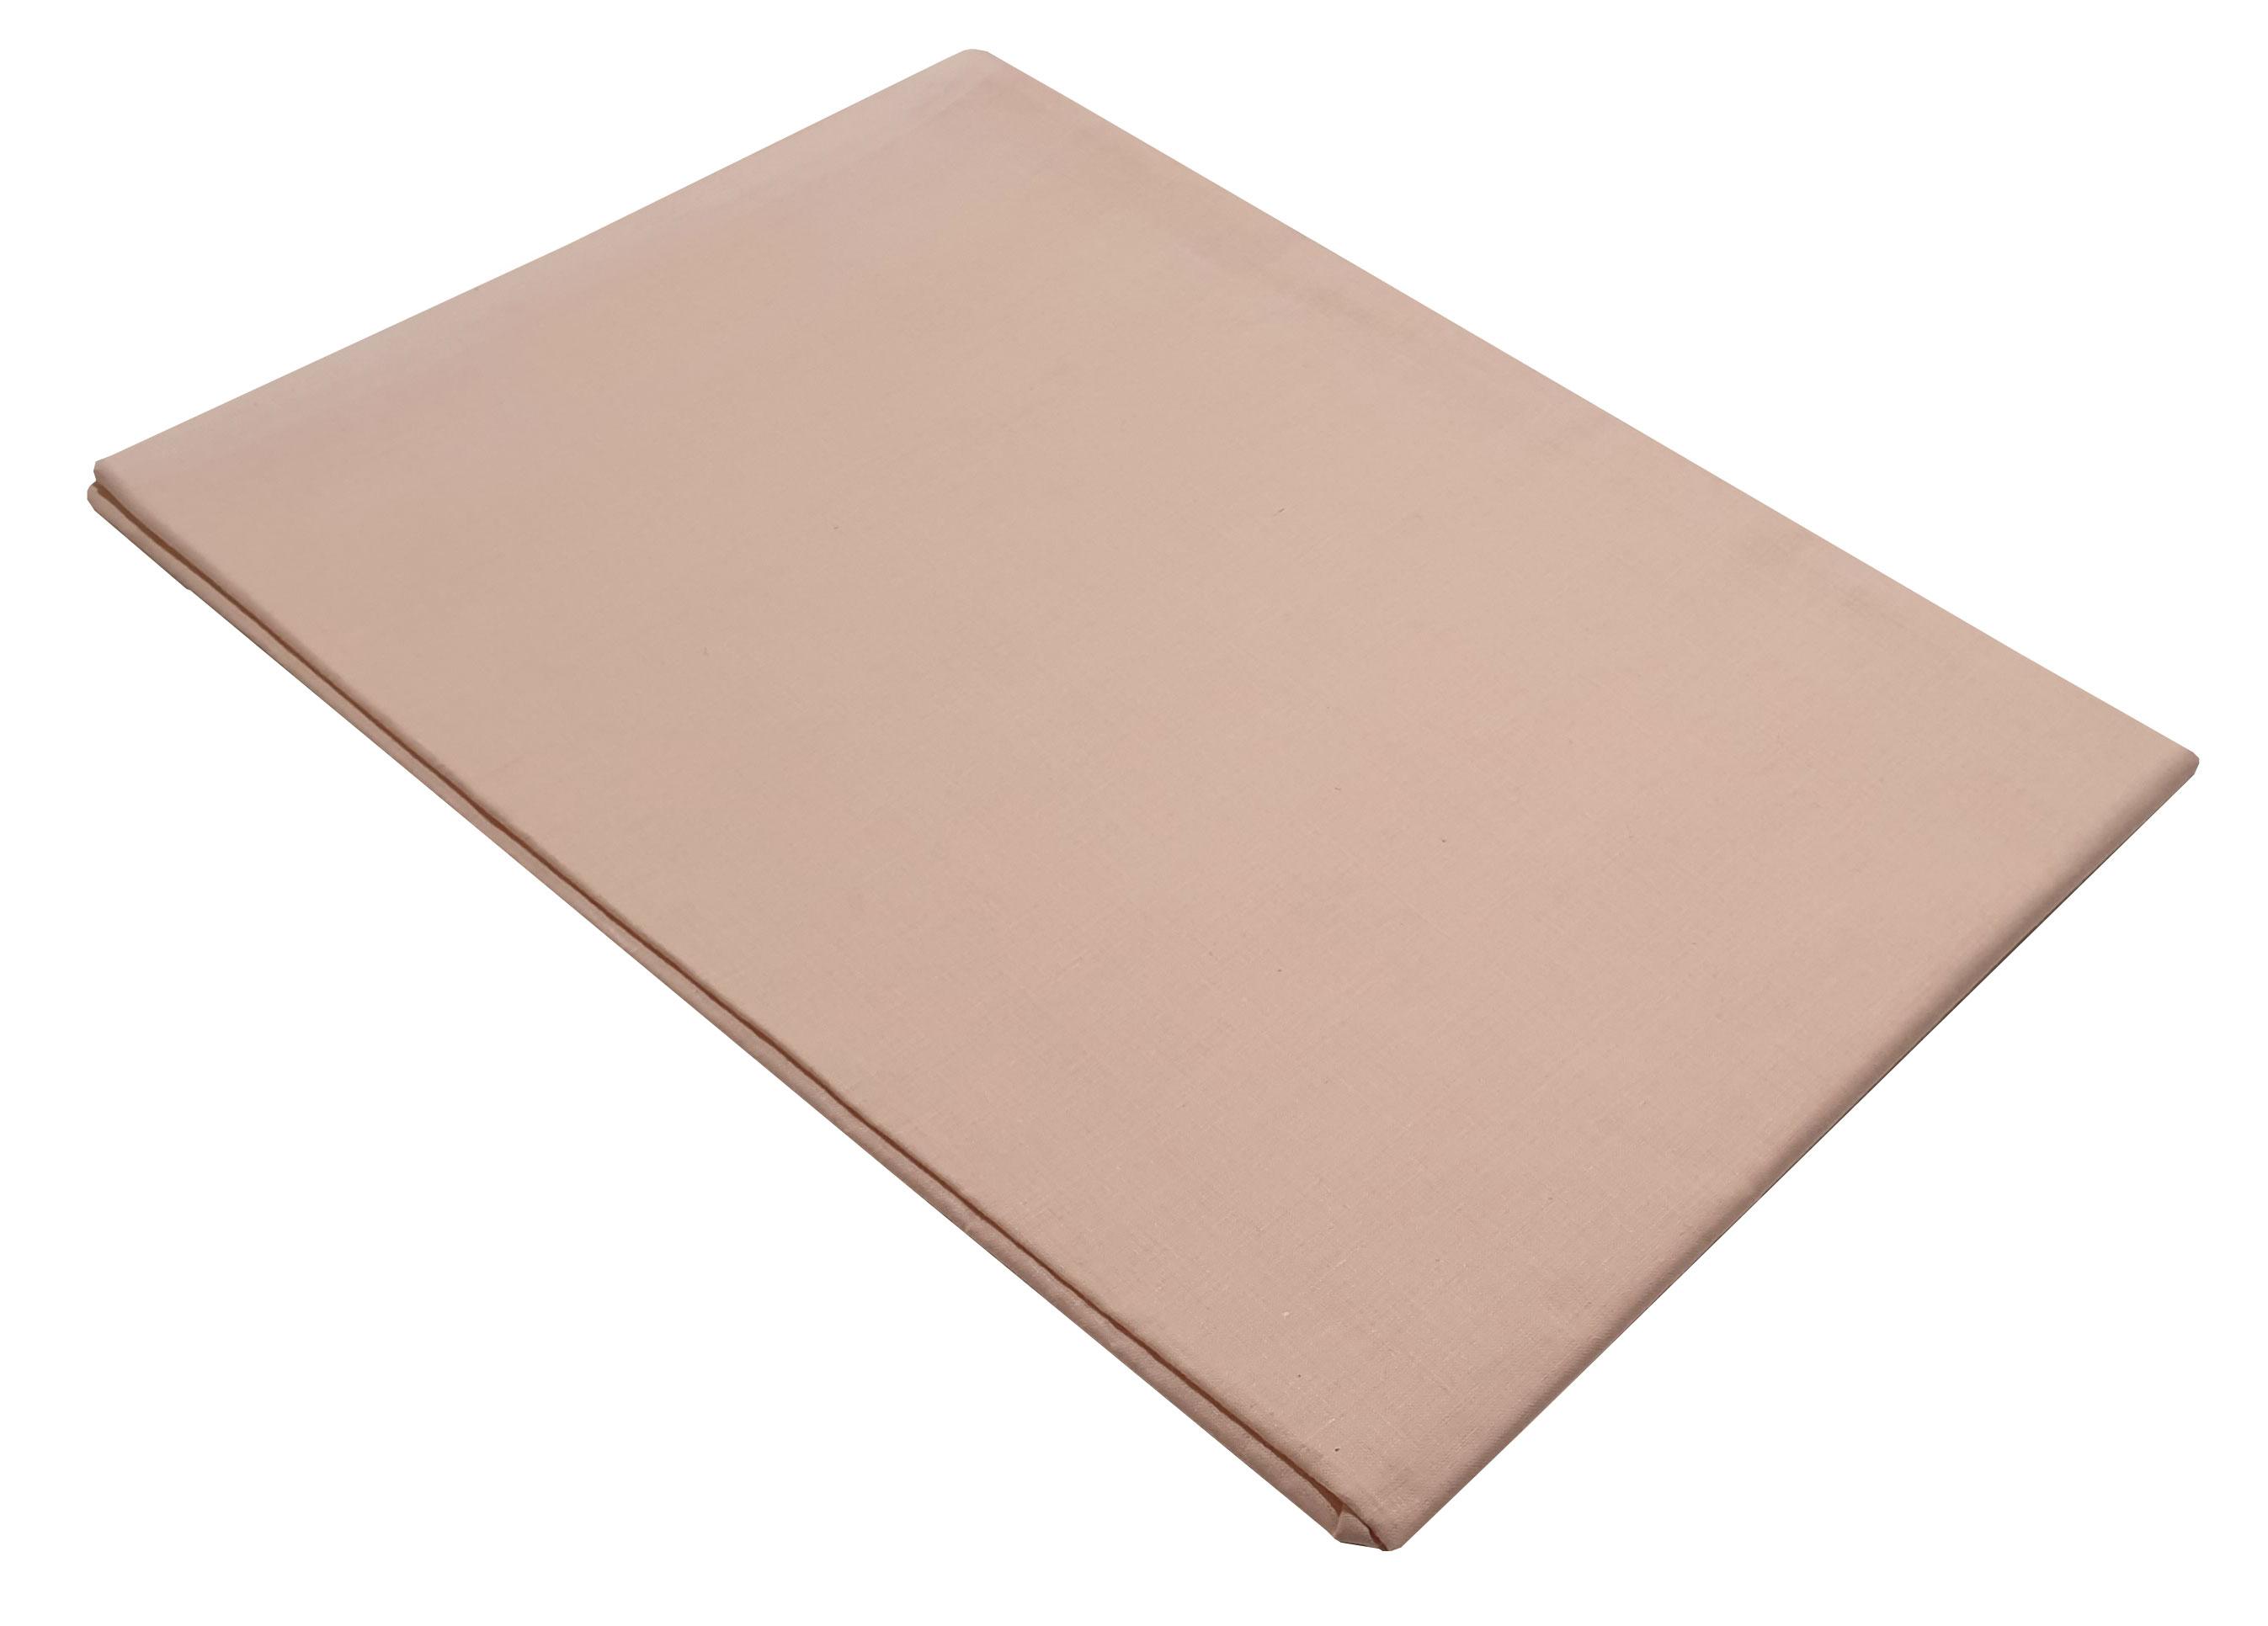 Σεντόνι ΚΟΜΒΟΣ Powder μονόχρωμο Υπέρδιπλο με λάστιχο 170x200+20 - 7002201-32F